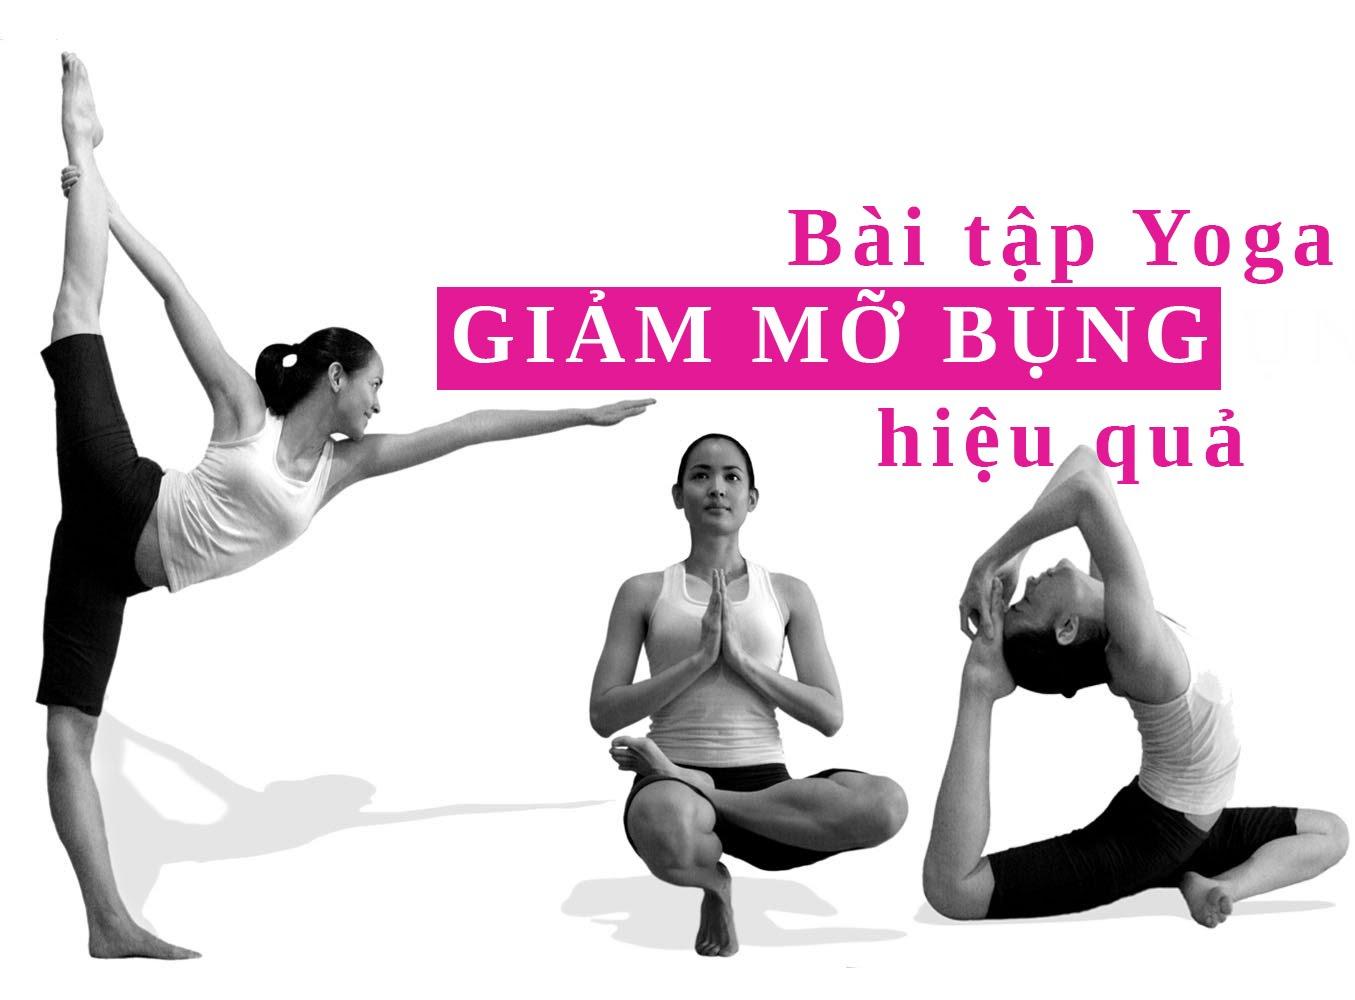 Bài tập Yoga giảm mỡ bụng dưới cho phái đẹp